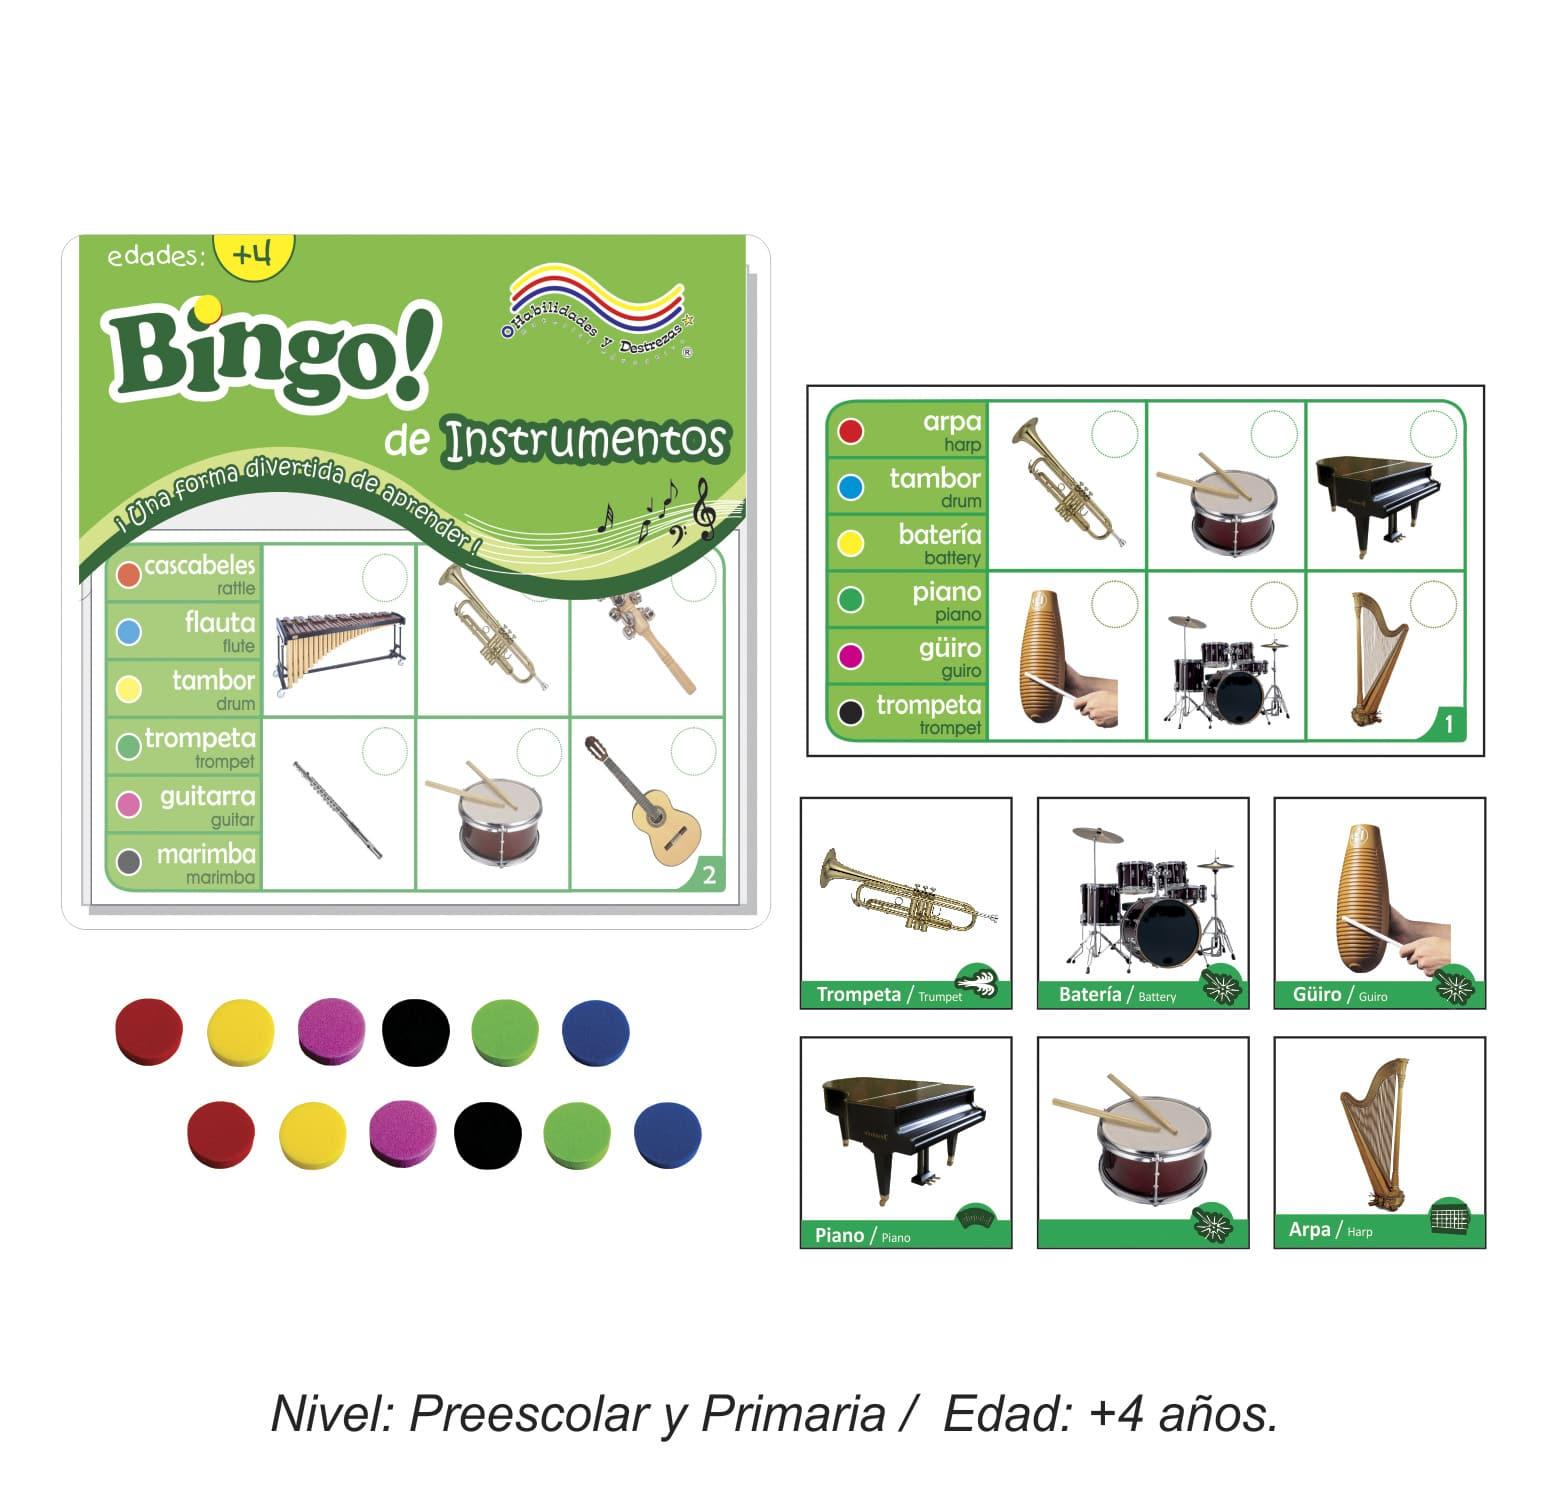 Bingo de Instrumentos